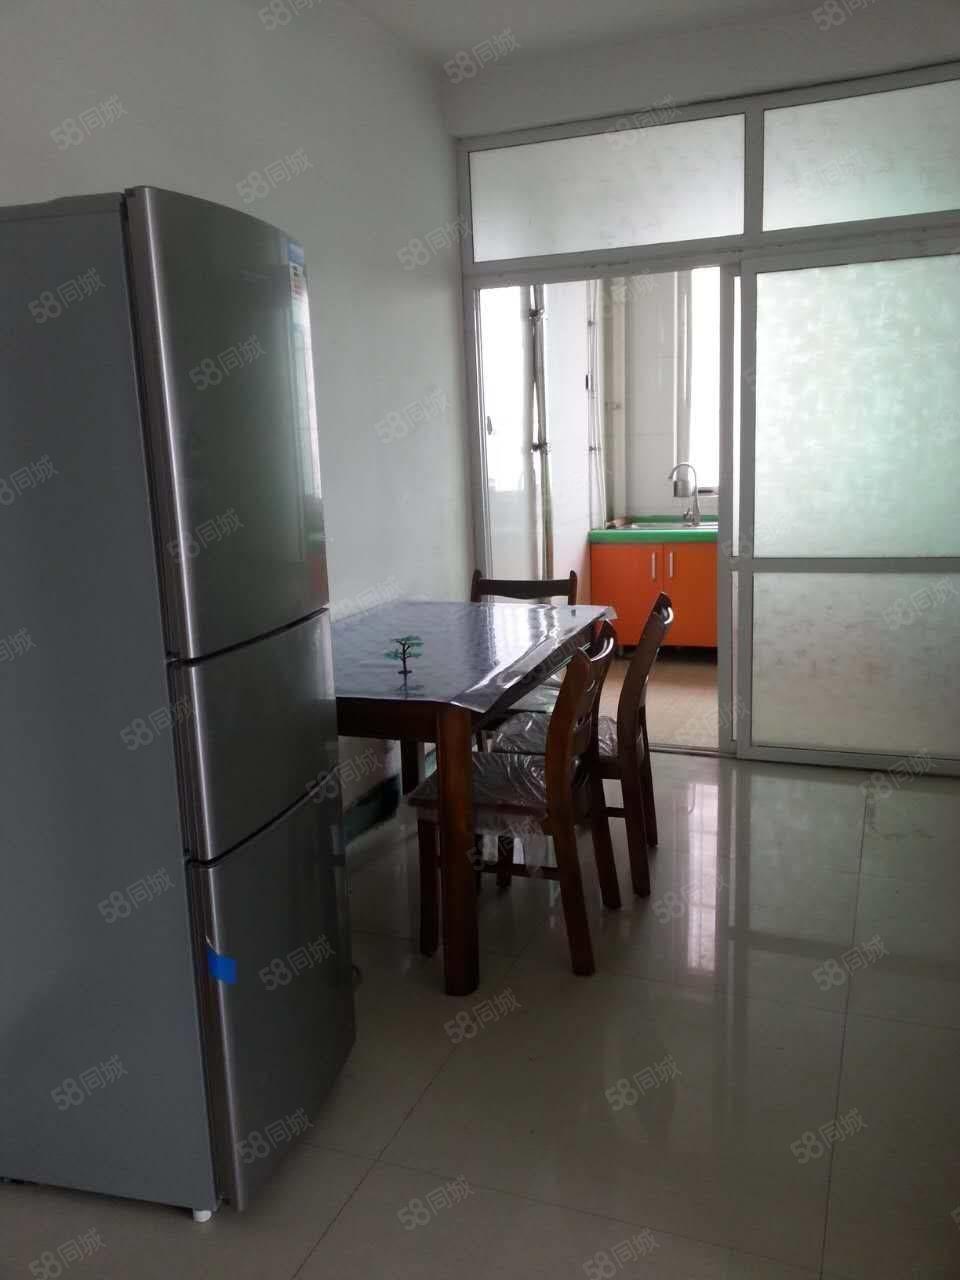 三室一厅楼房出租,家具家电齐全,拎包入住。